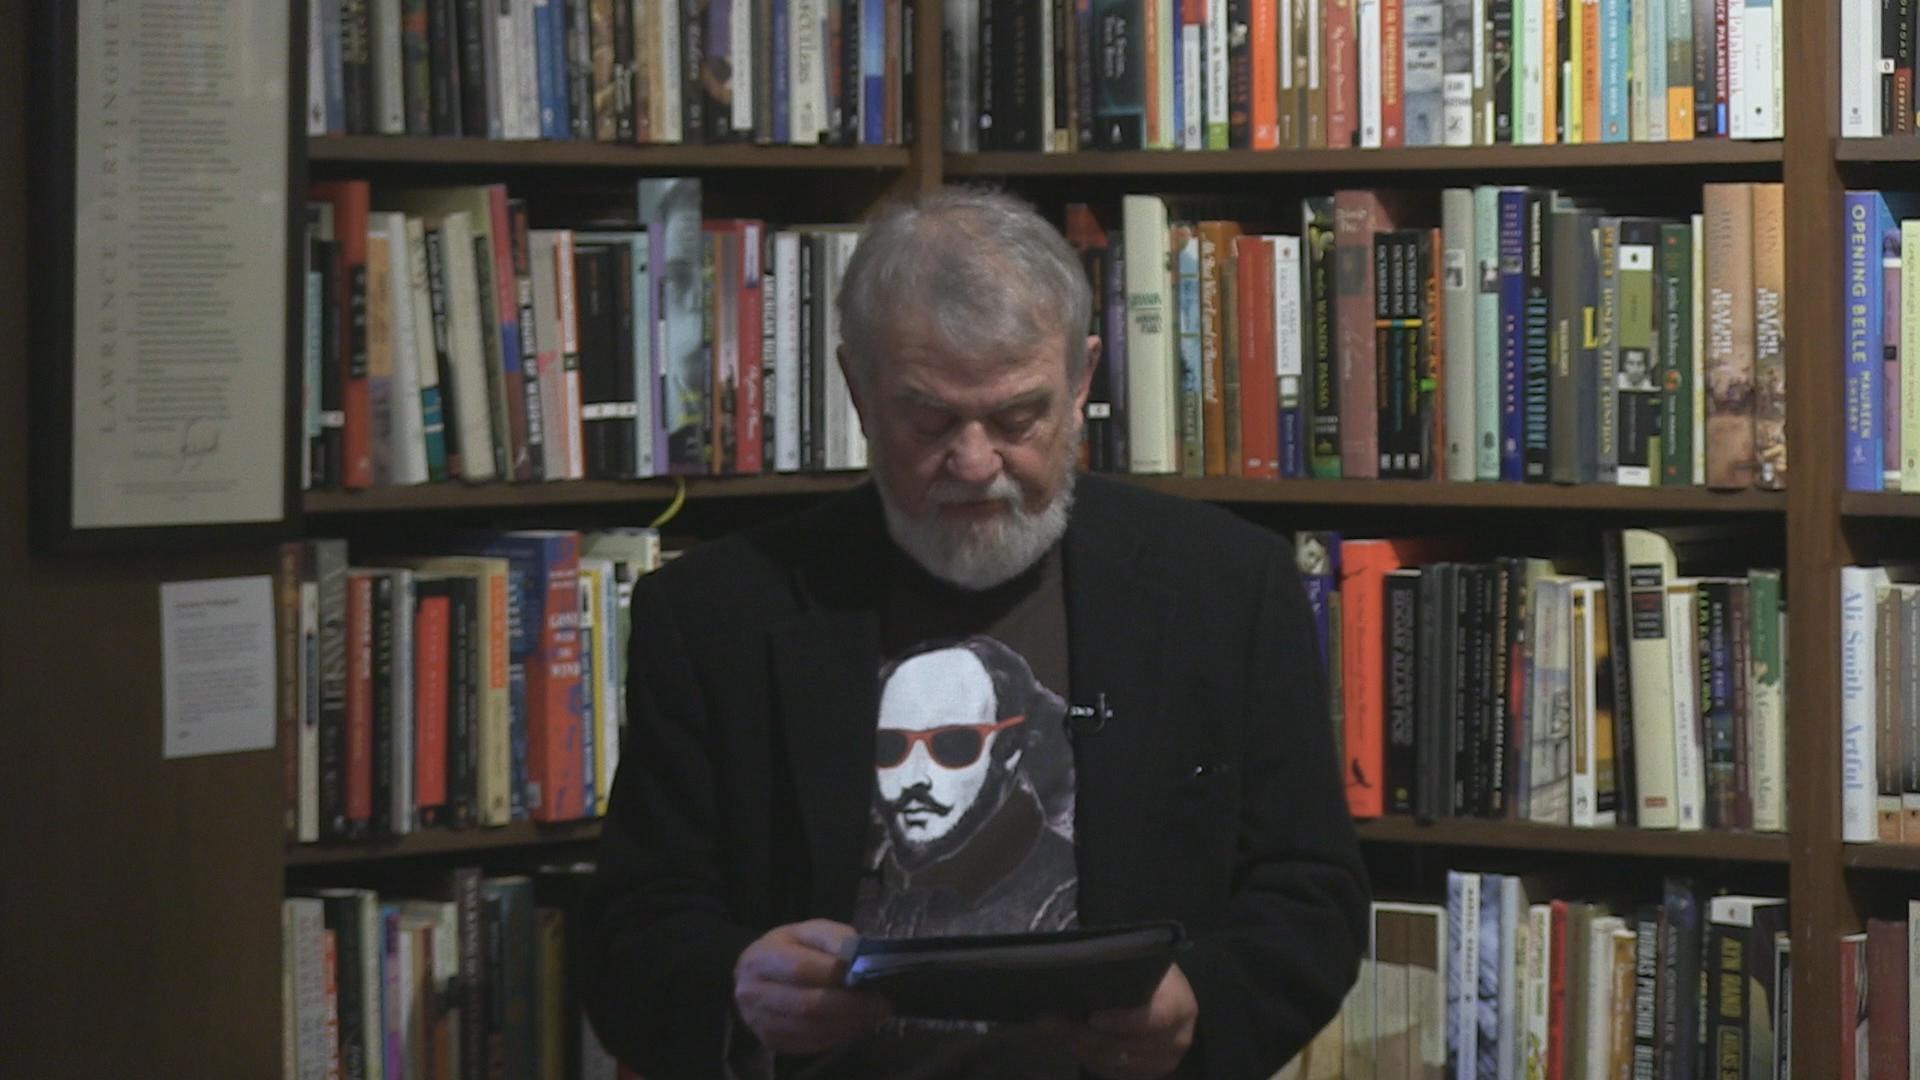 Easthampton Poet Laureate Gary Metras at Bookfest 2018